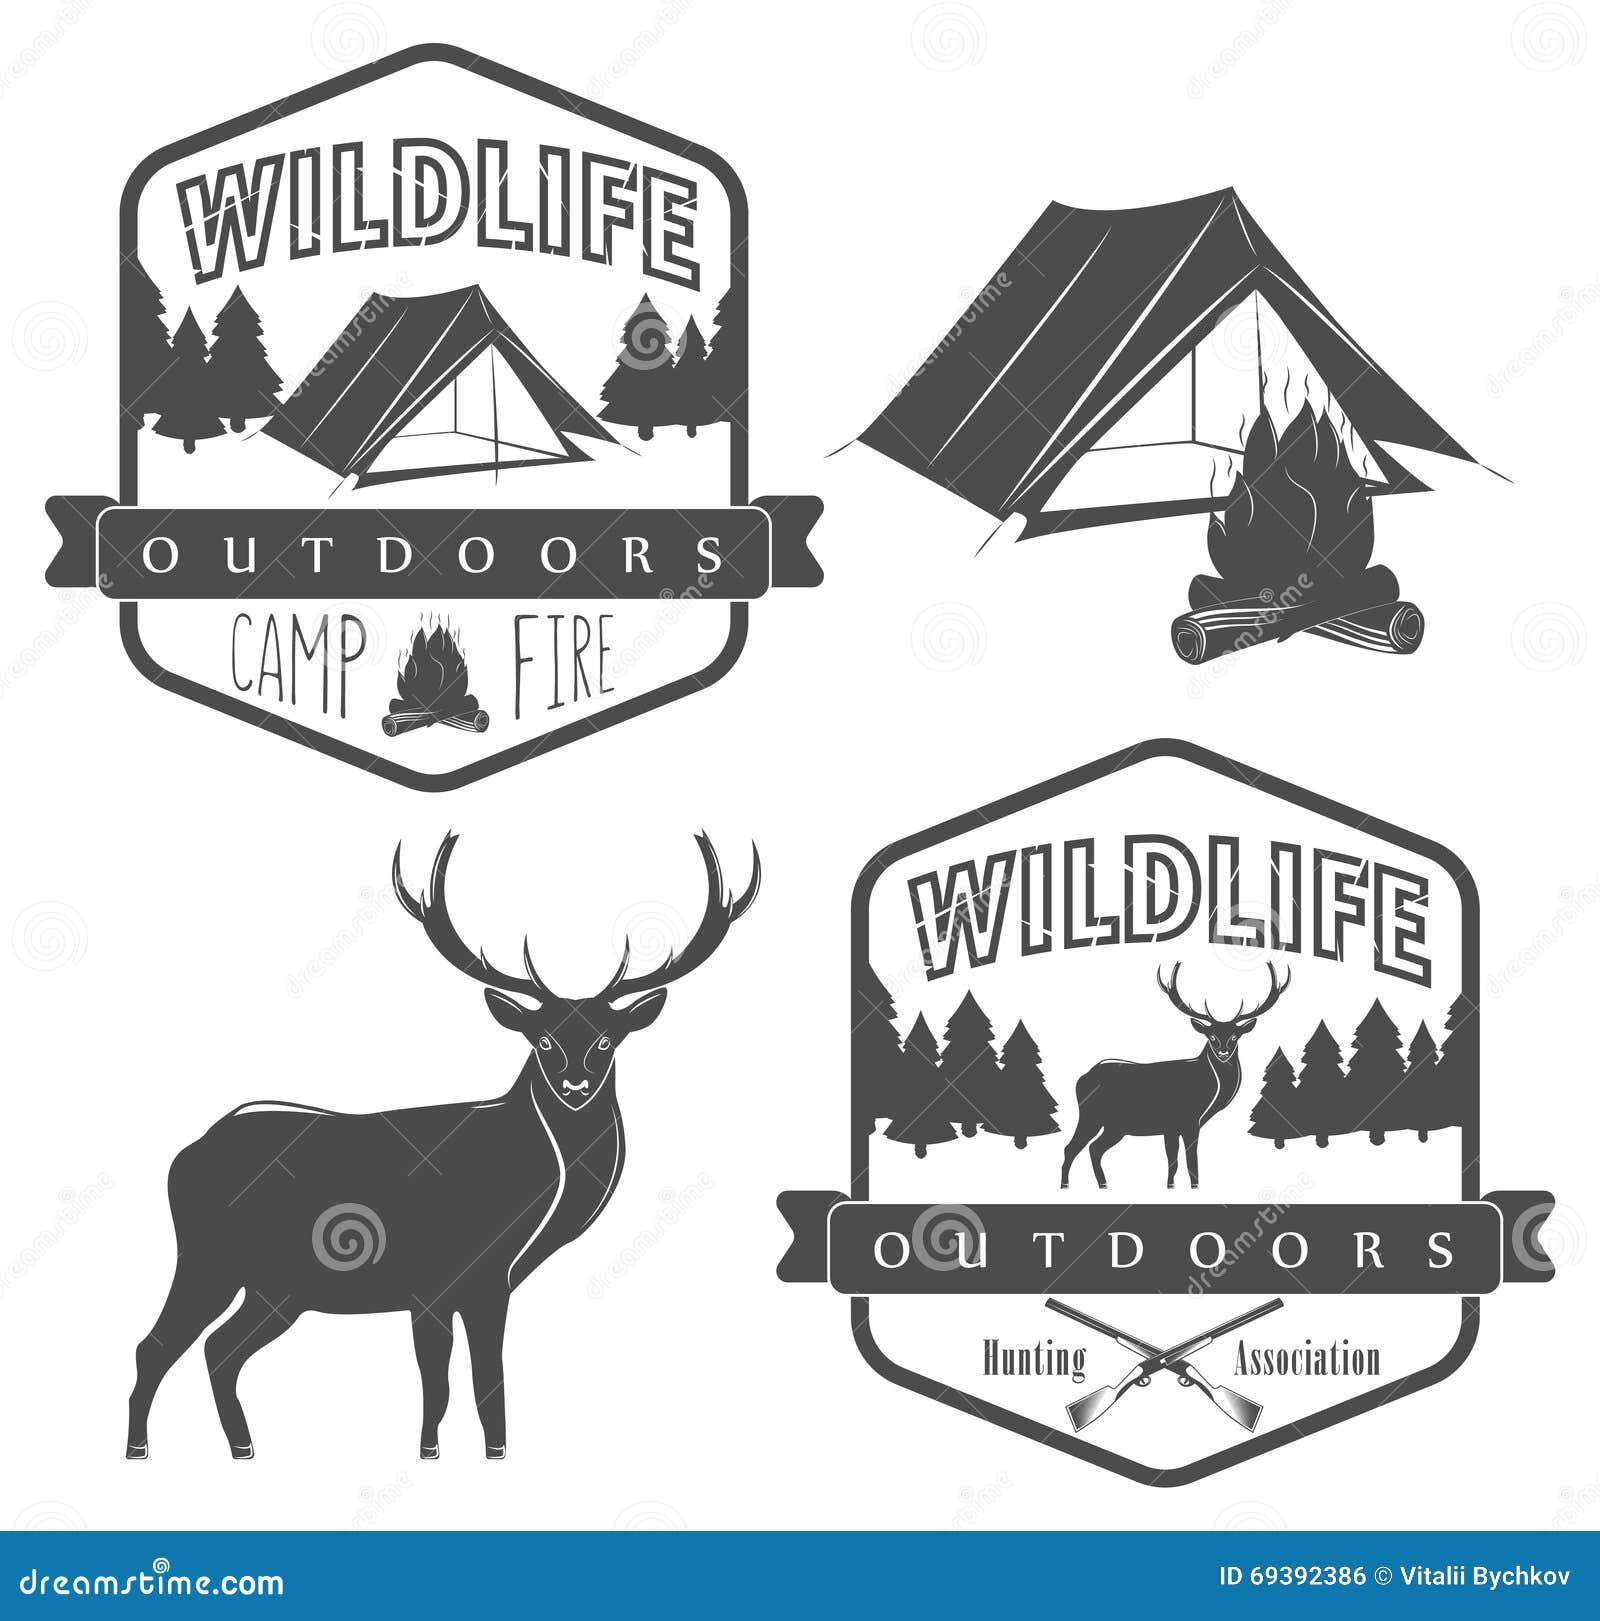 Σύνολο ετικέτας στρατοπέδευσης και κυνηγιού, άγριας φύσης και υπαίθρια περιπέτειας